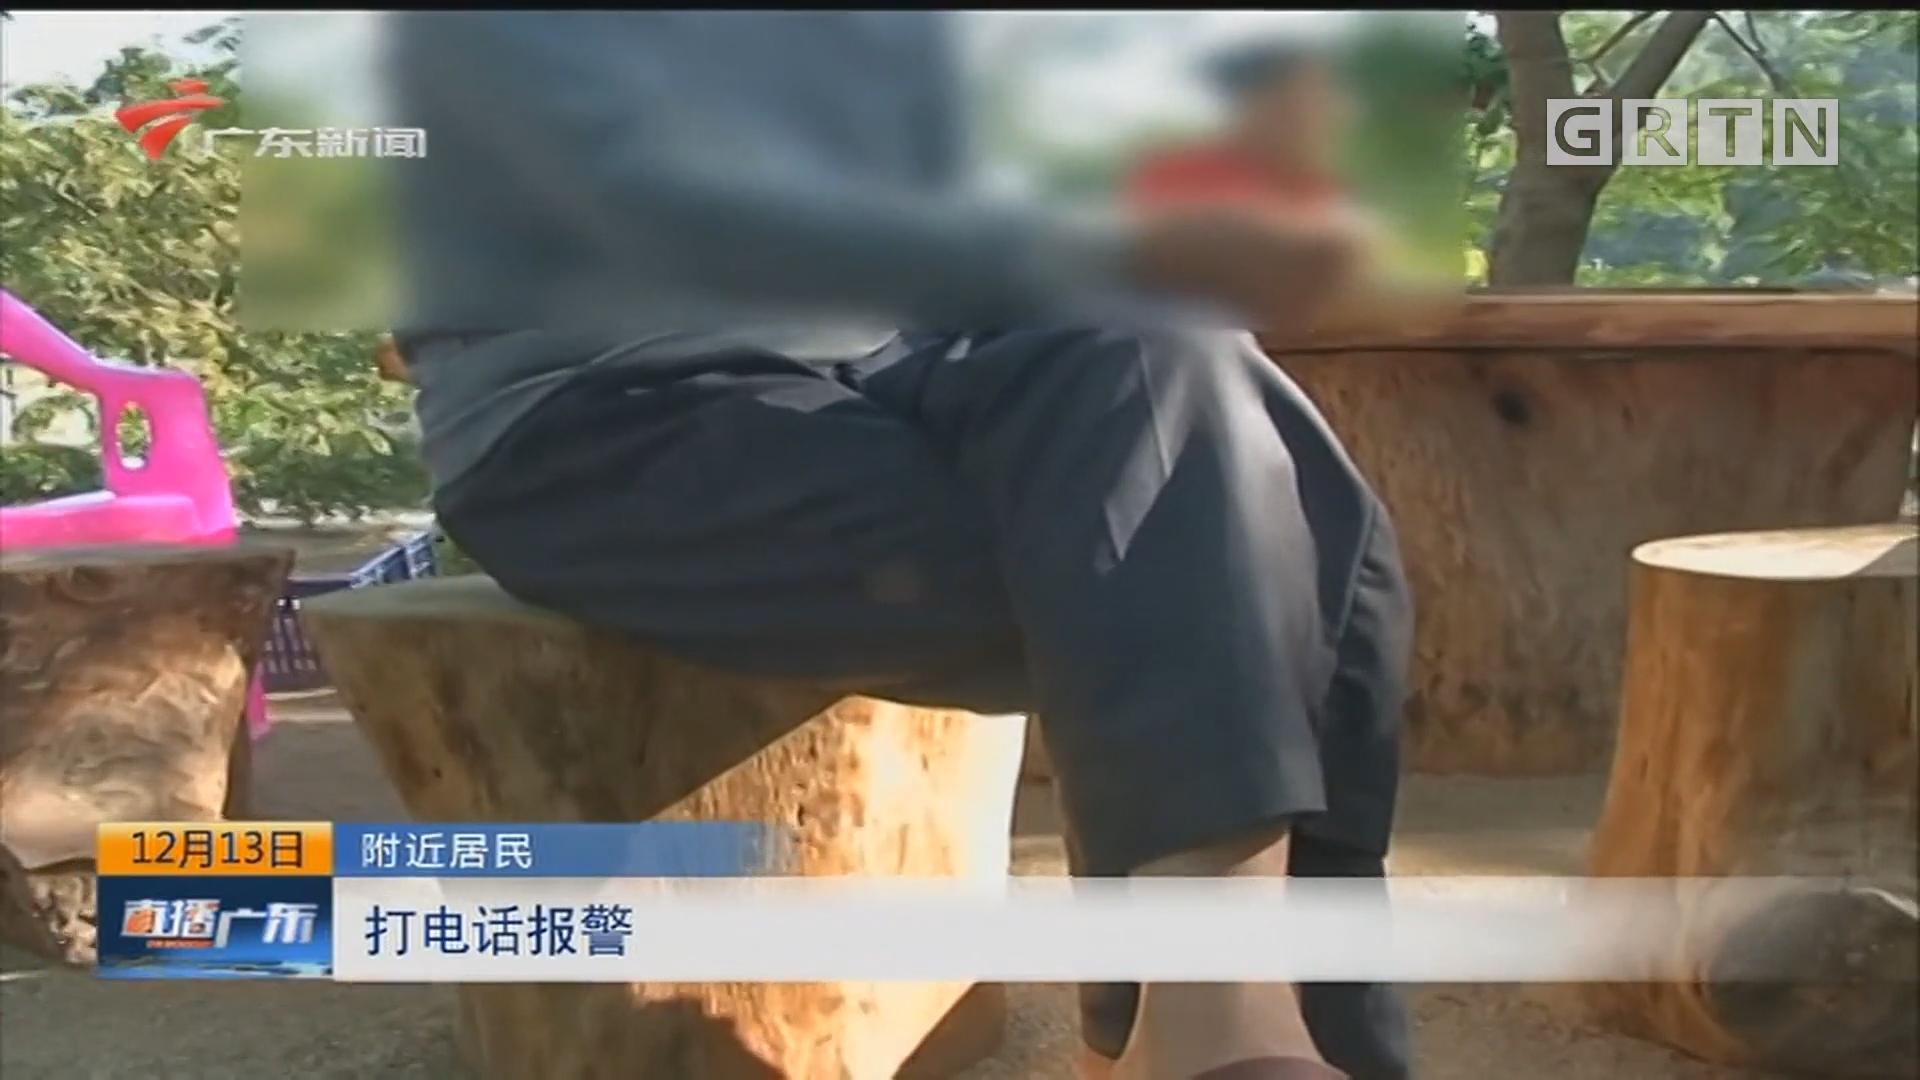 揭阳:汽车起火燃烧 司机不幸遇难